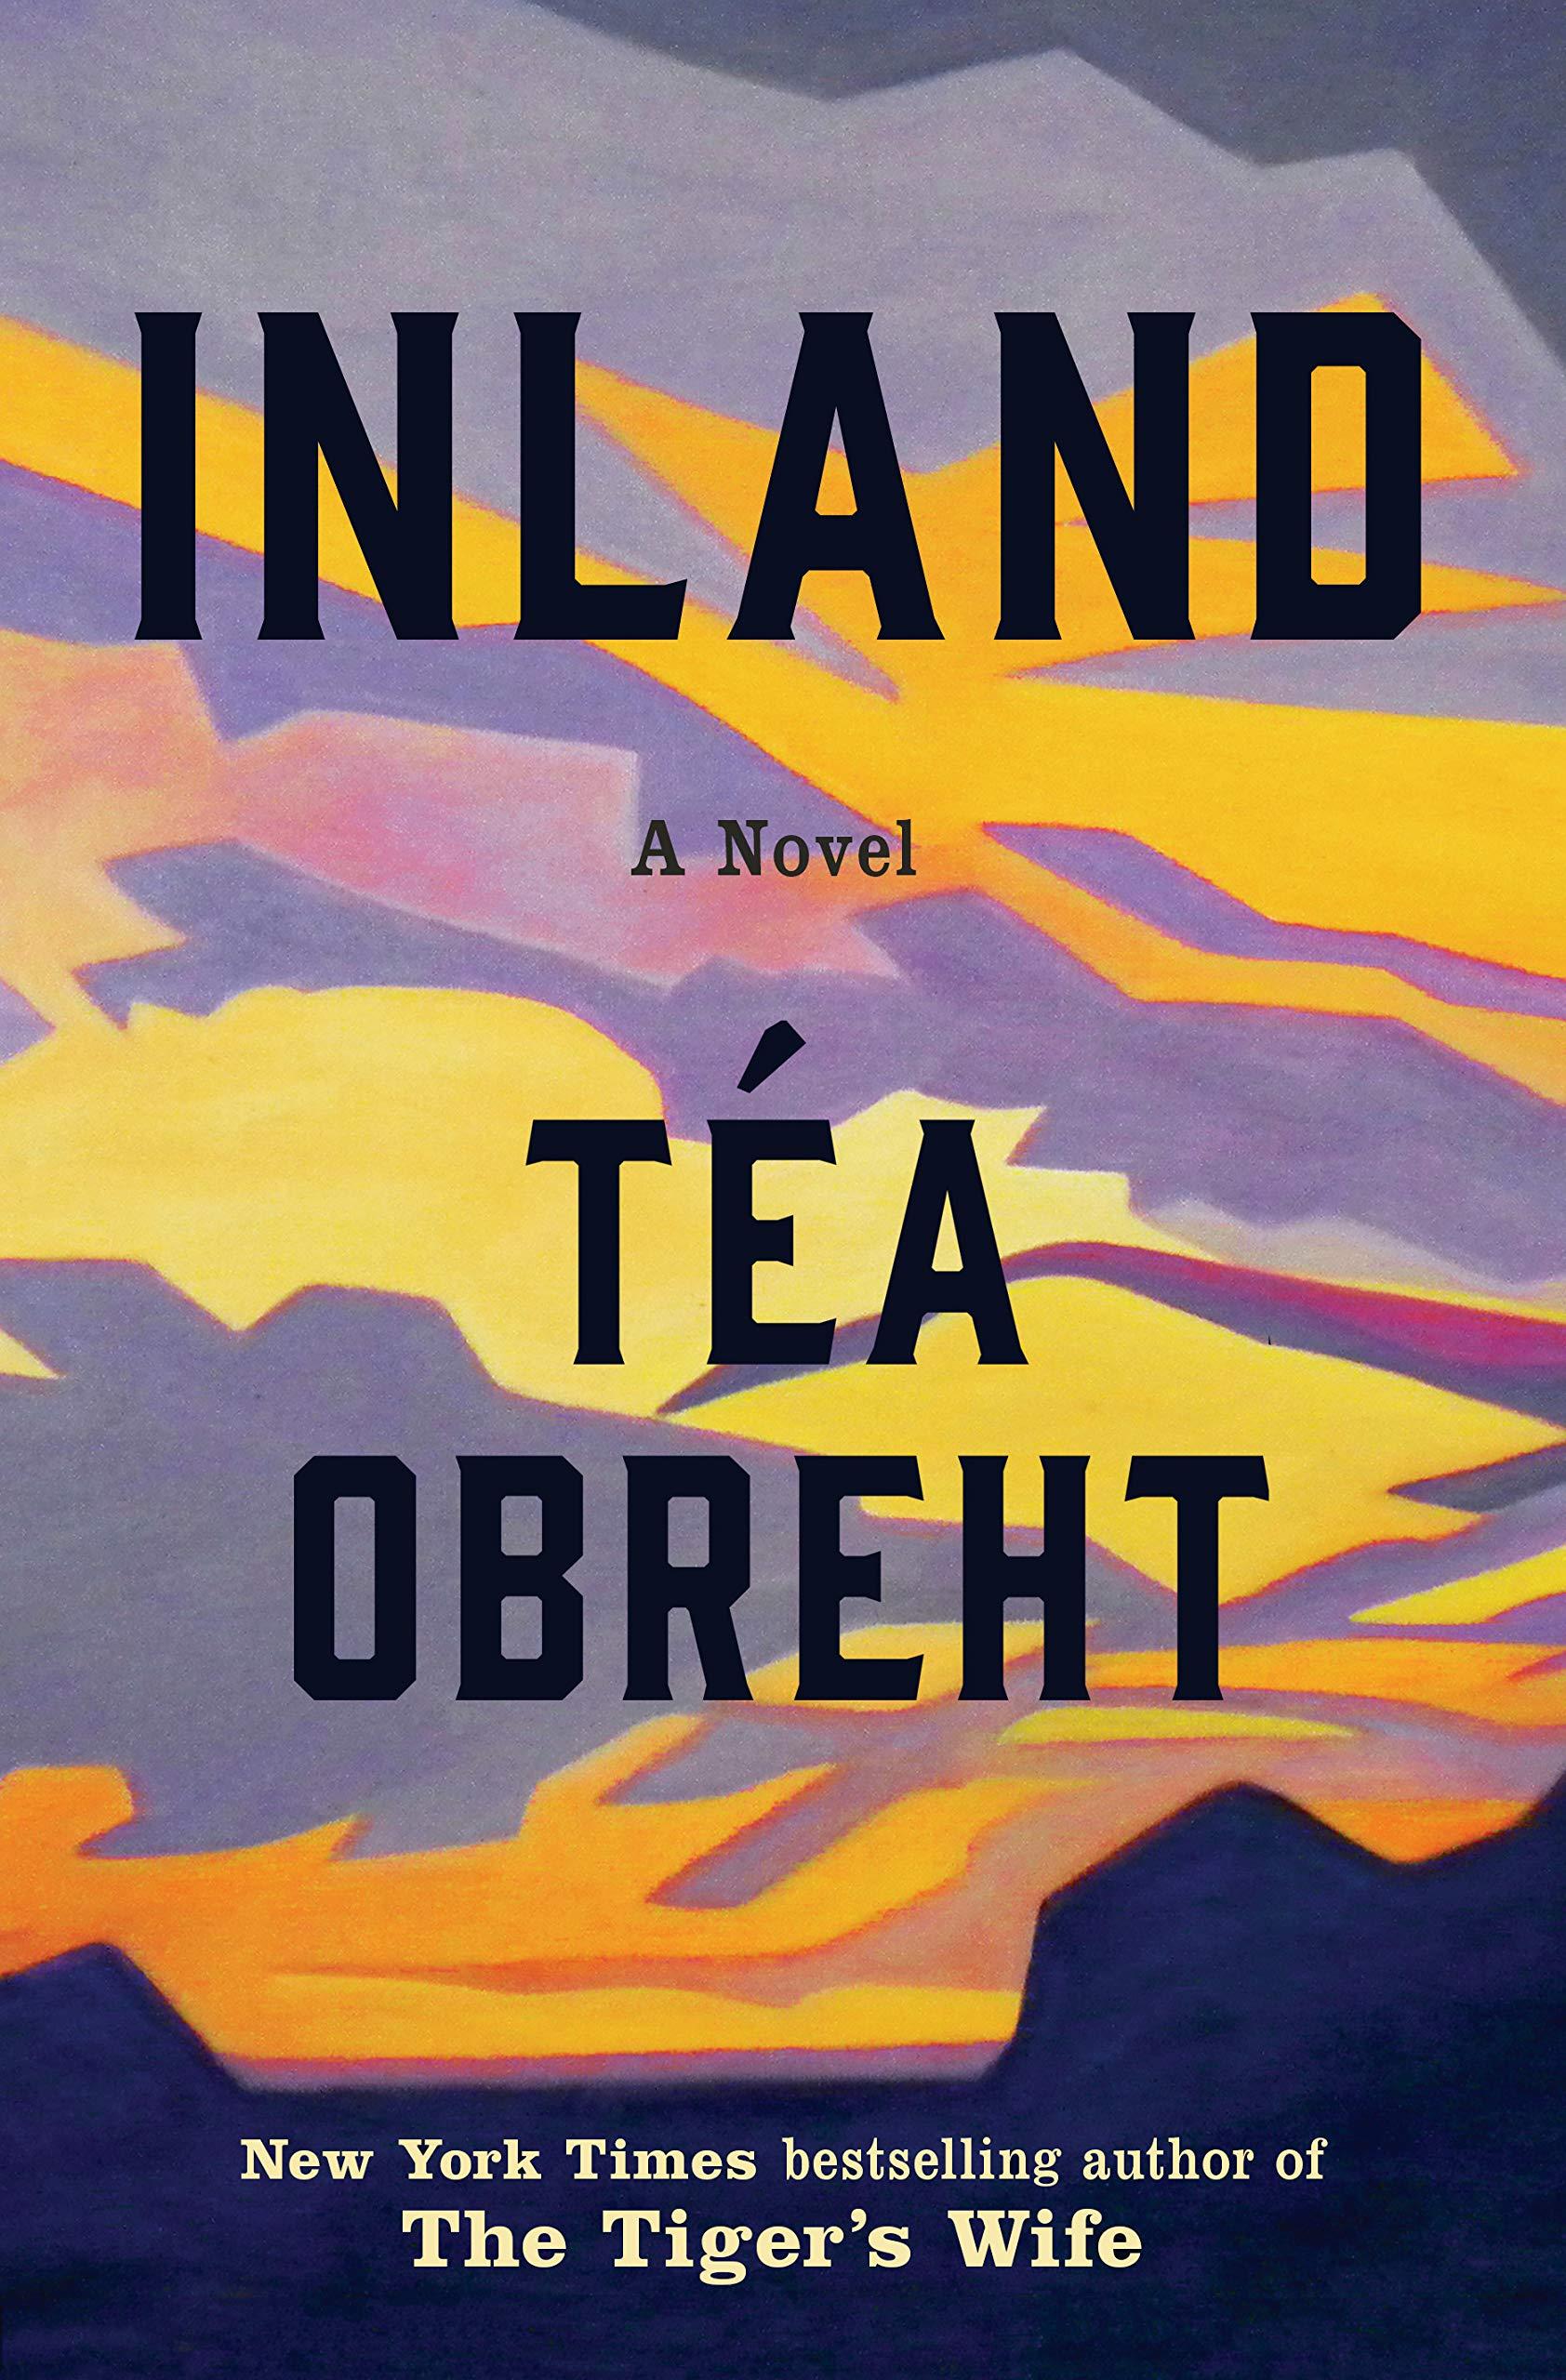 Inland     by Téa Obreht Random House, 2019